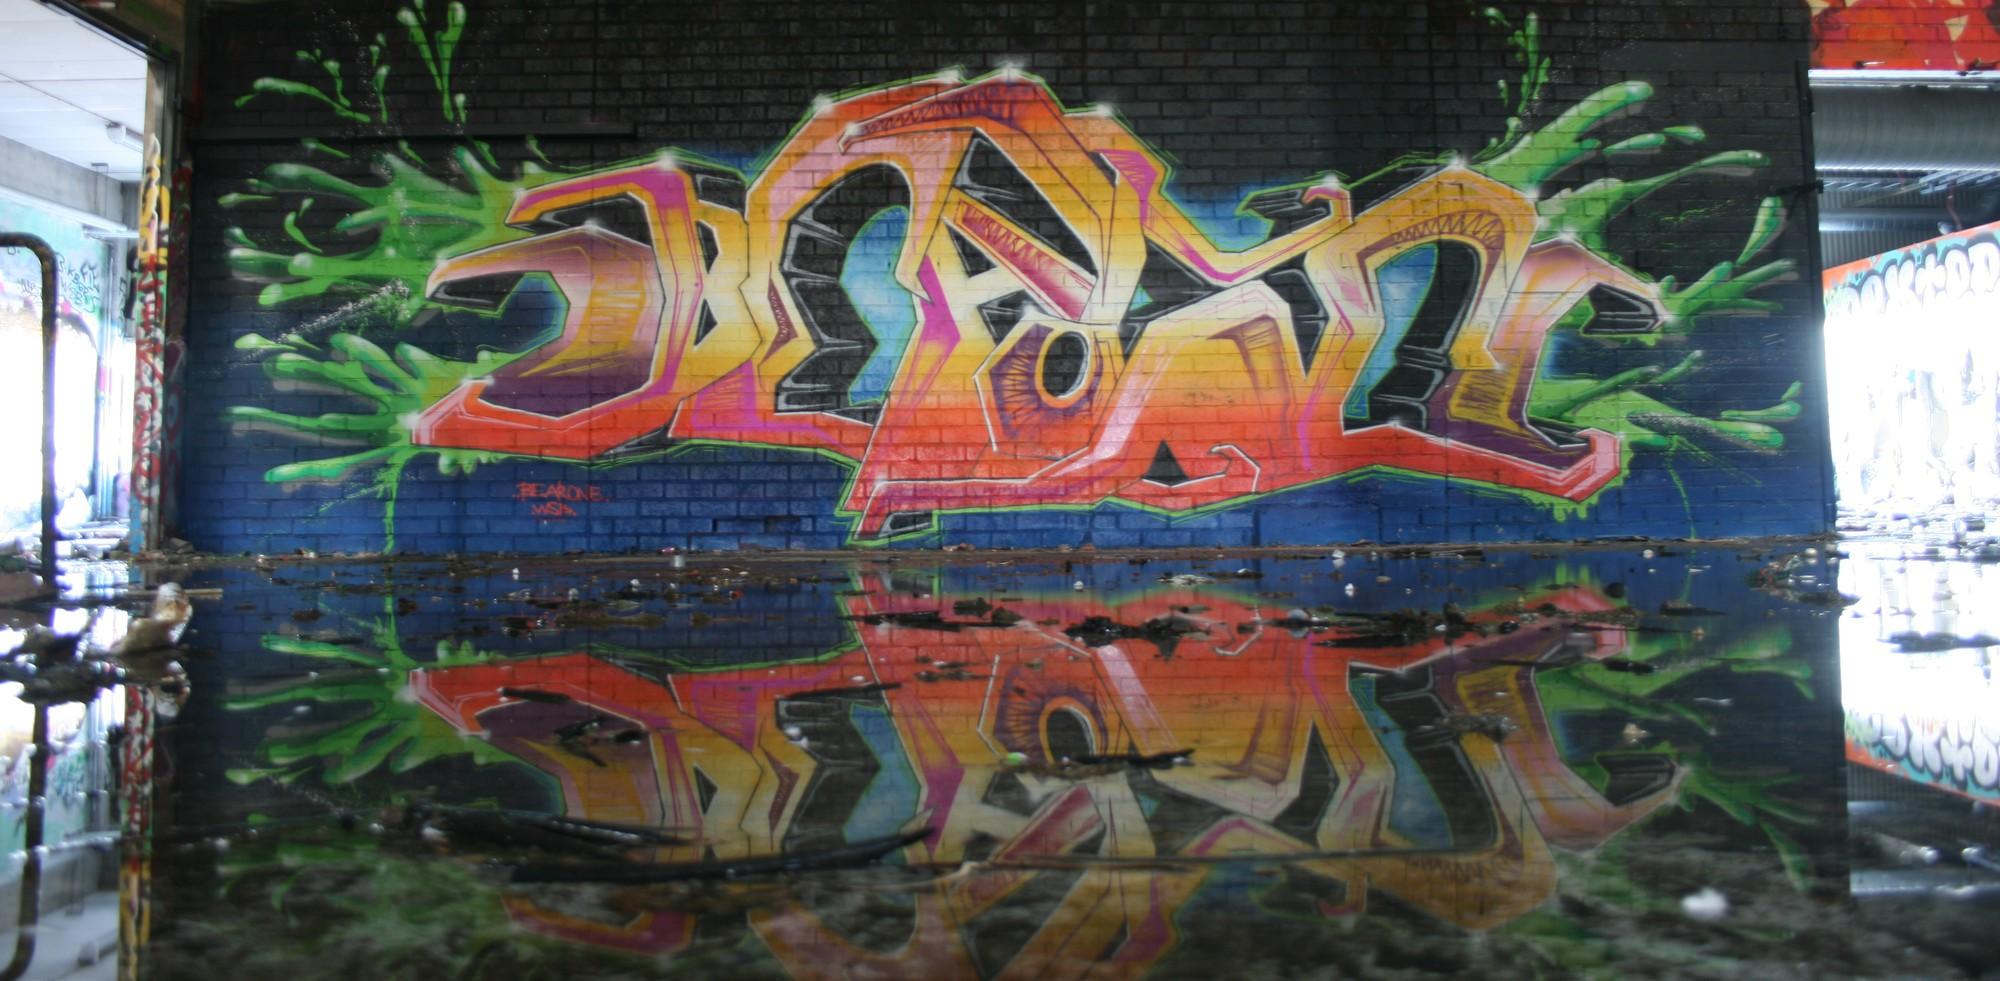 Graffiti: Môn nghệ thuật đường phố cần bảo tồn hay đơn giản chỉ là lũ